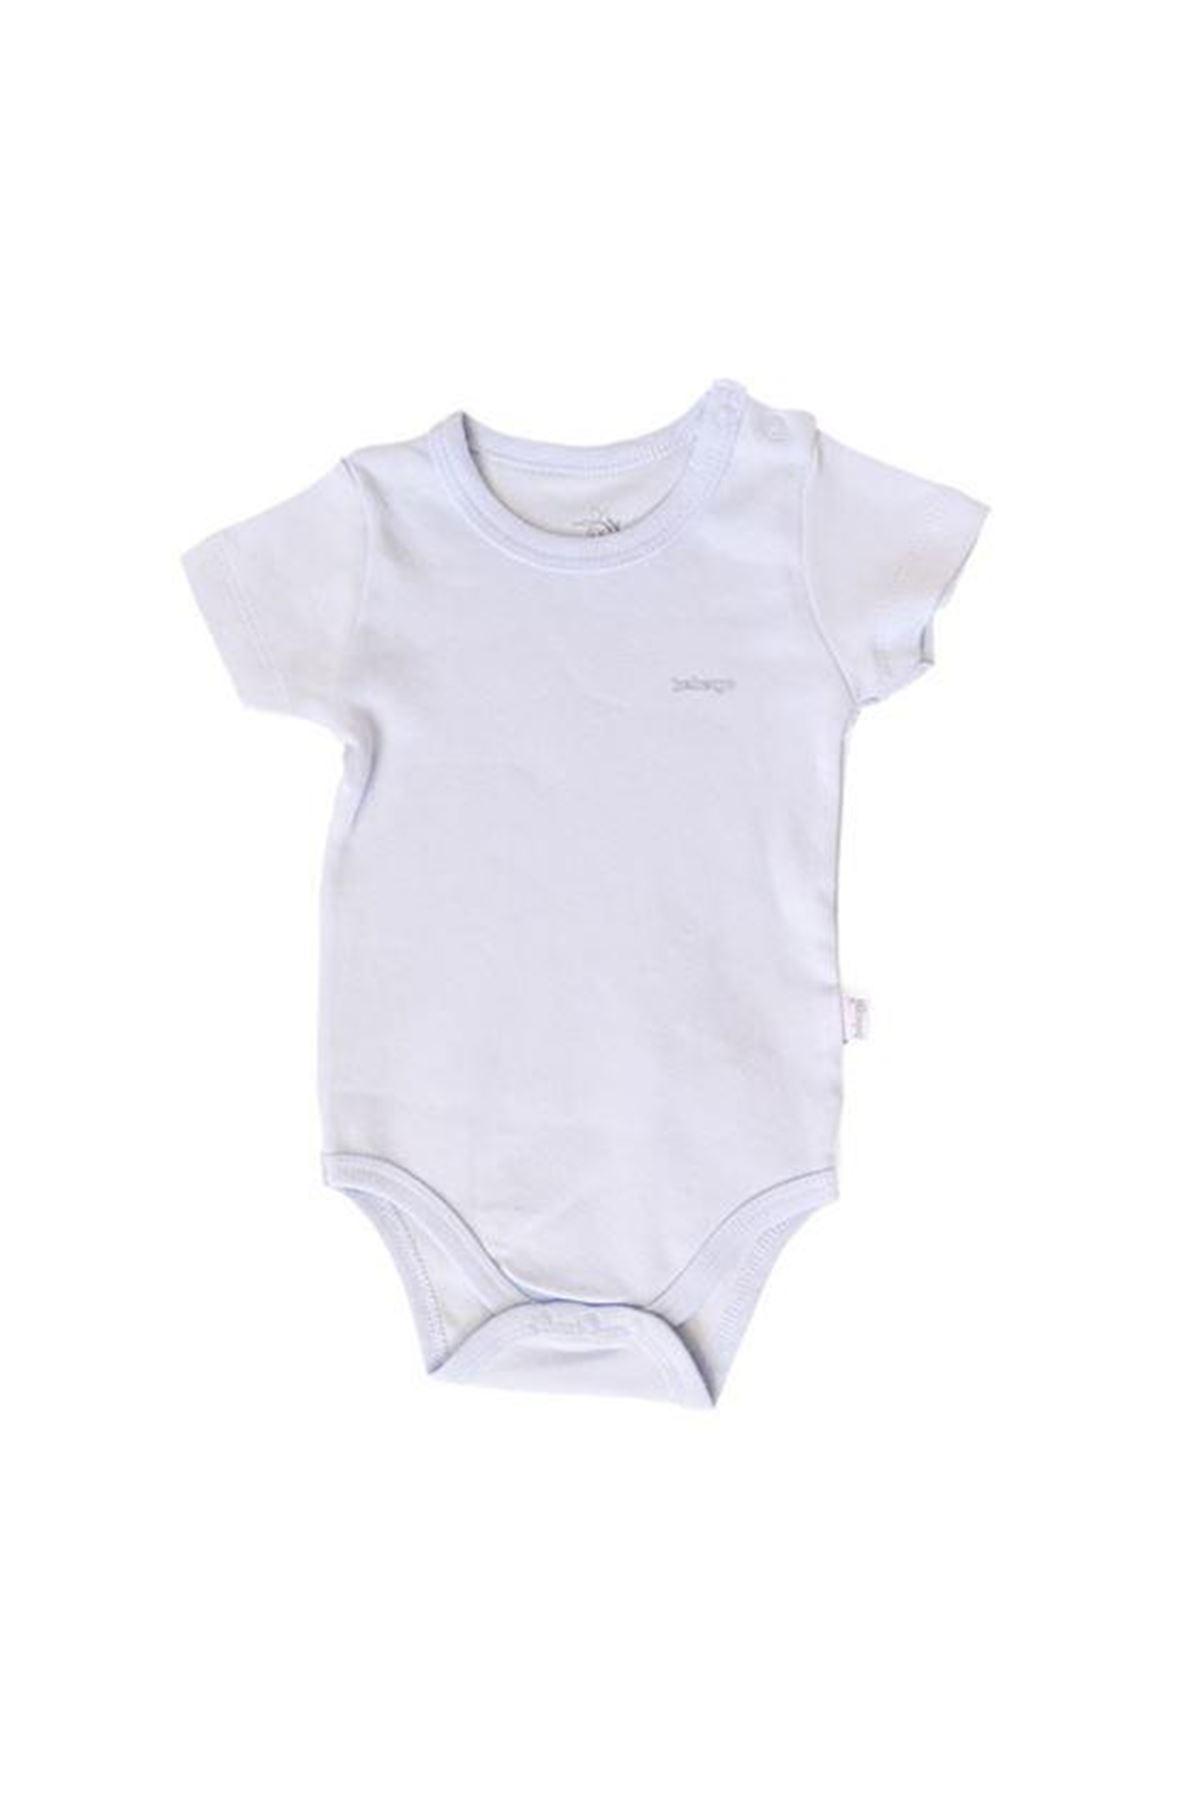 Bebengo Basıc Kısa Kol Bebe Body 4021 Beyaz